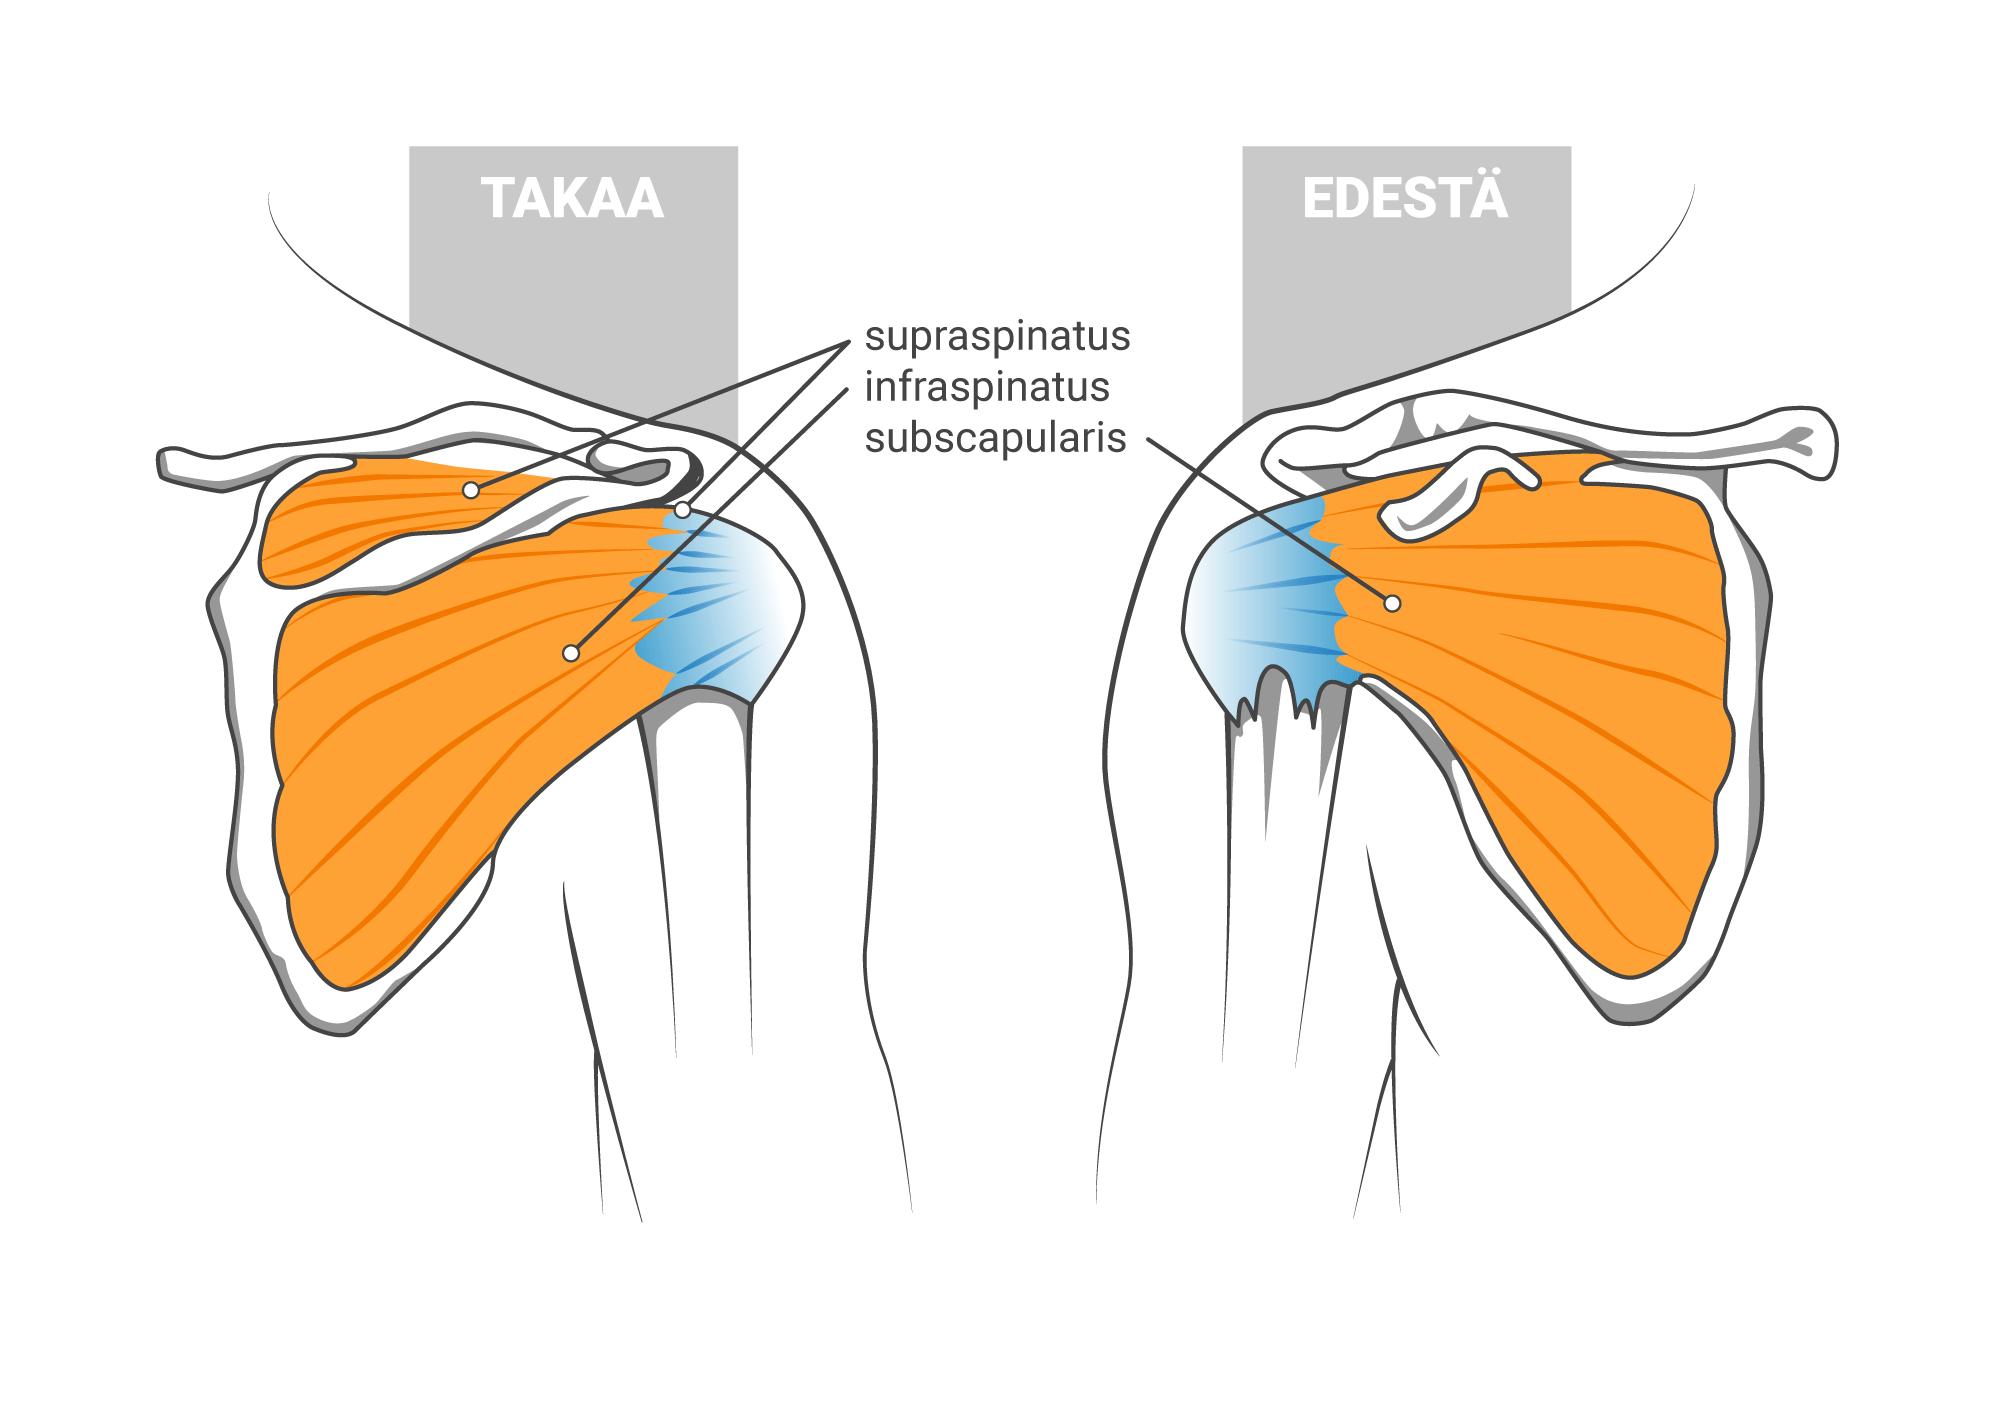 Kiertäjäkalvosimen anatomia edestä ja takaa